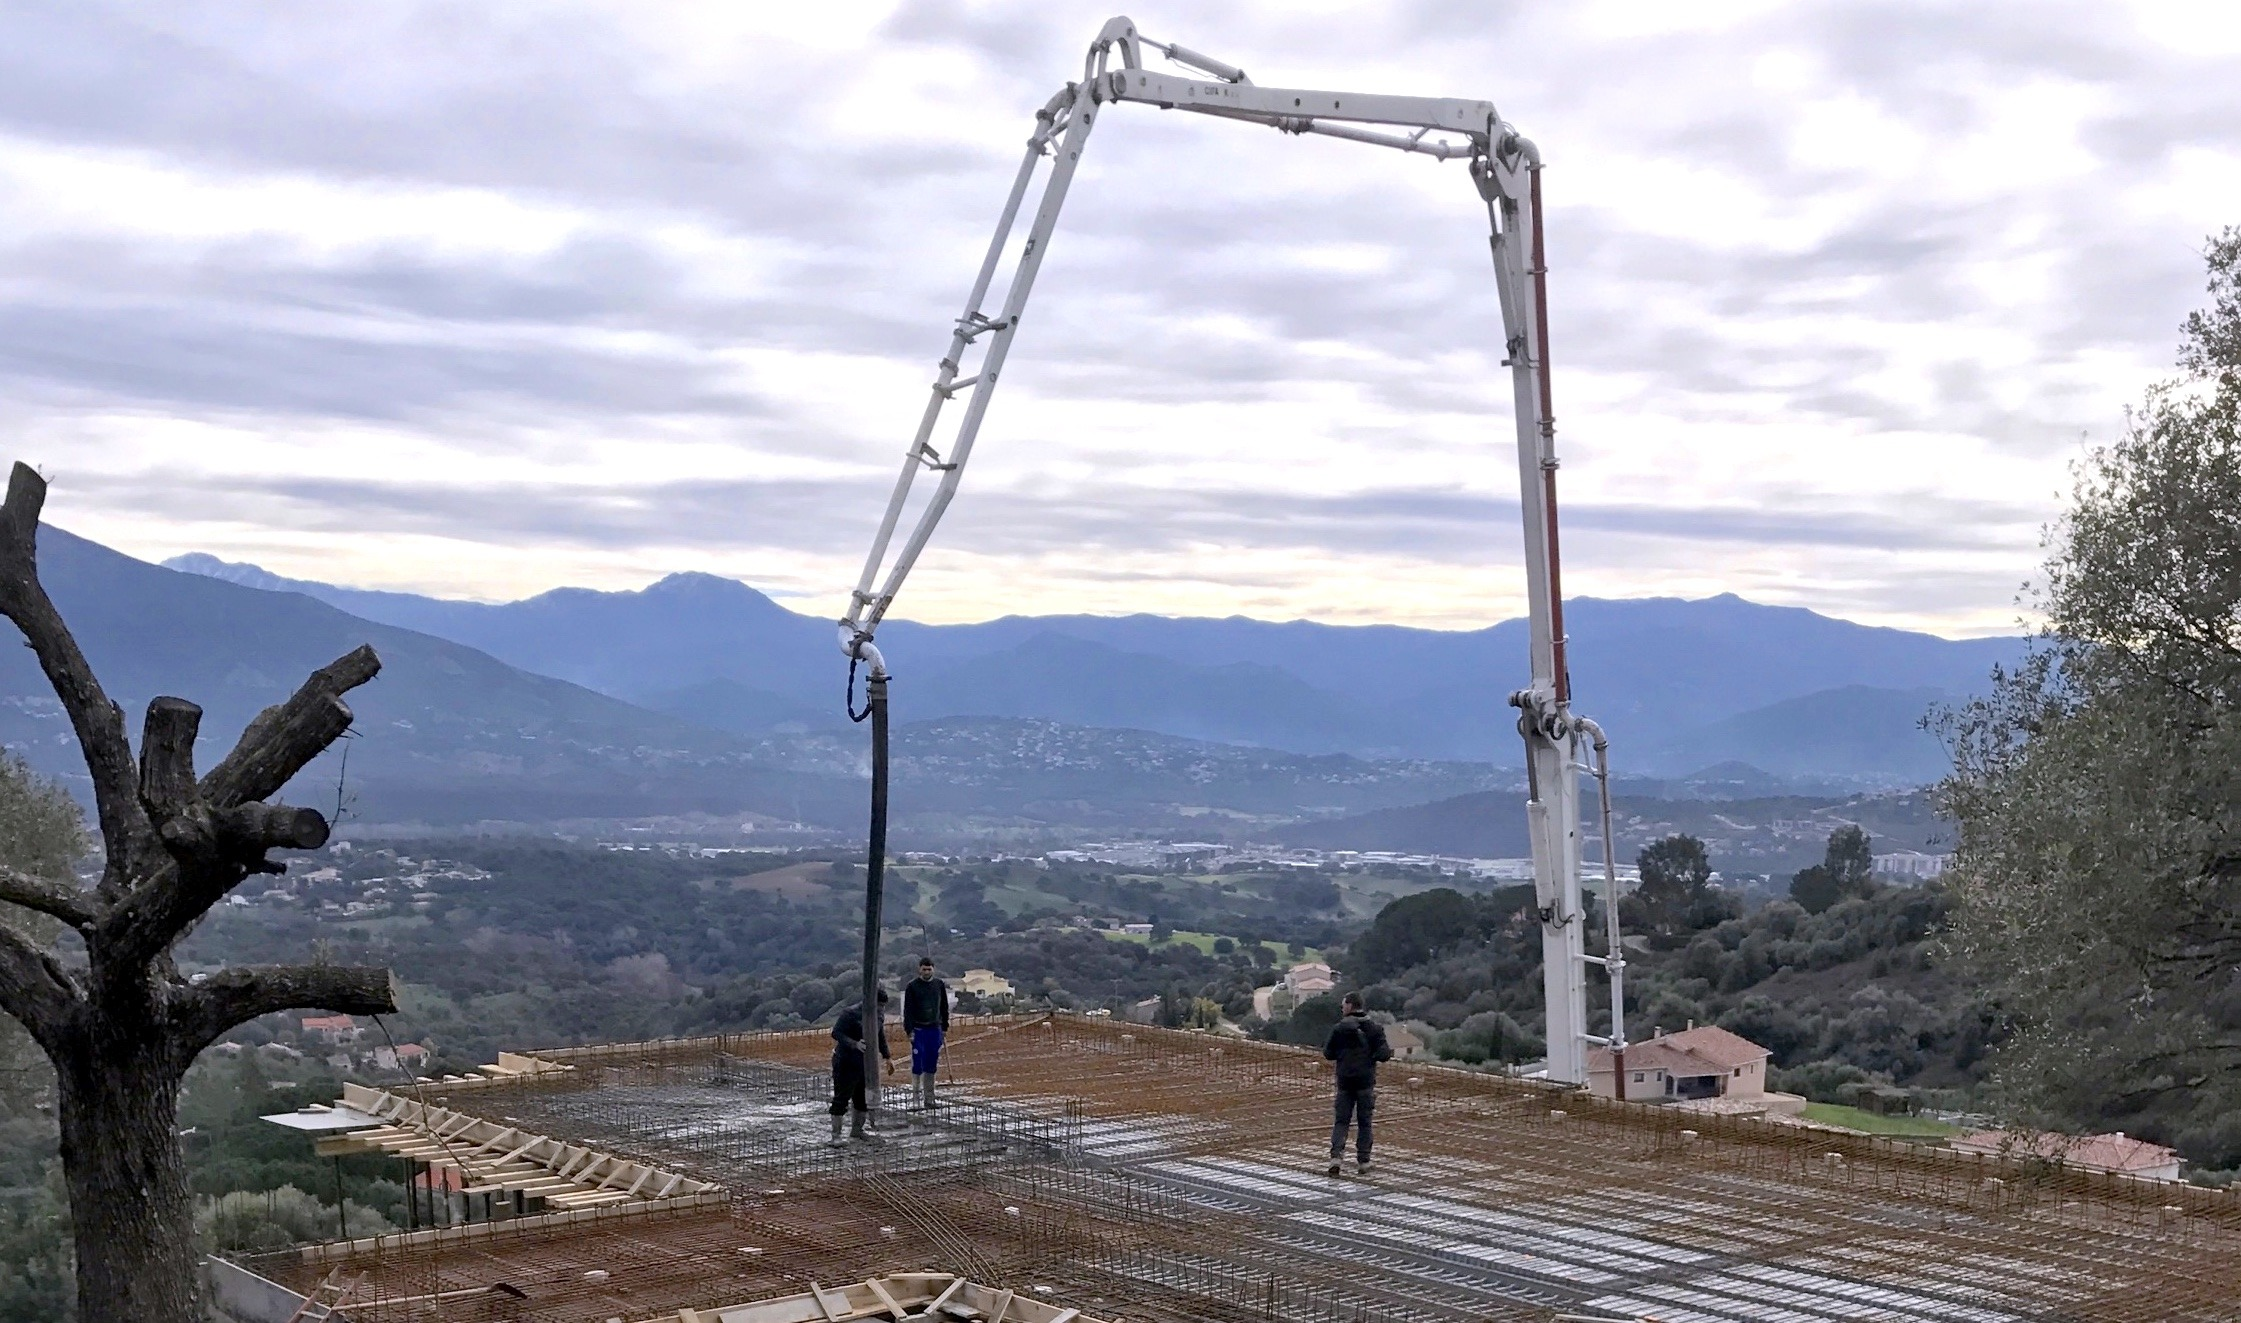 Réalisation BPAI partenaire Lafarge chantier béton hôpital Ajaccio Corse Coulage plancher KP1